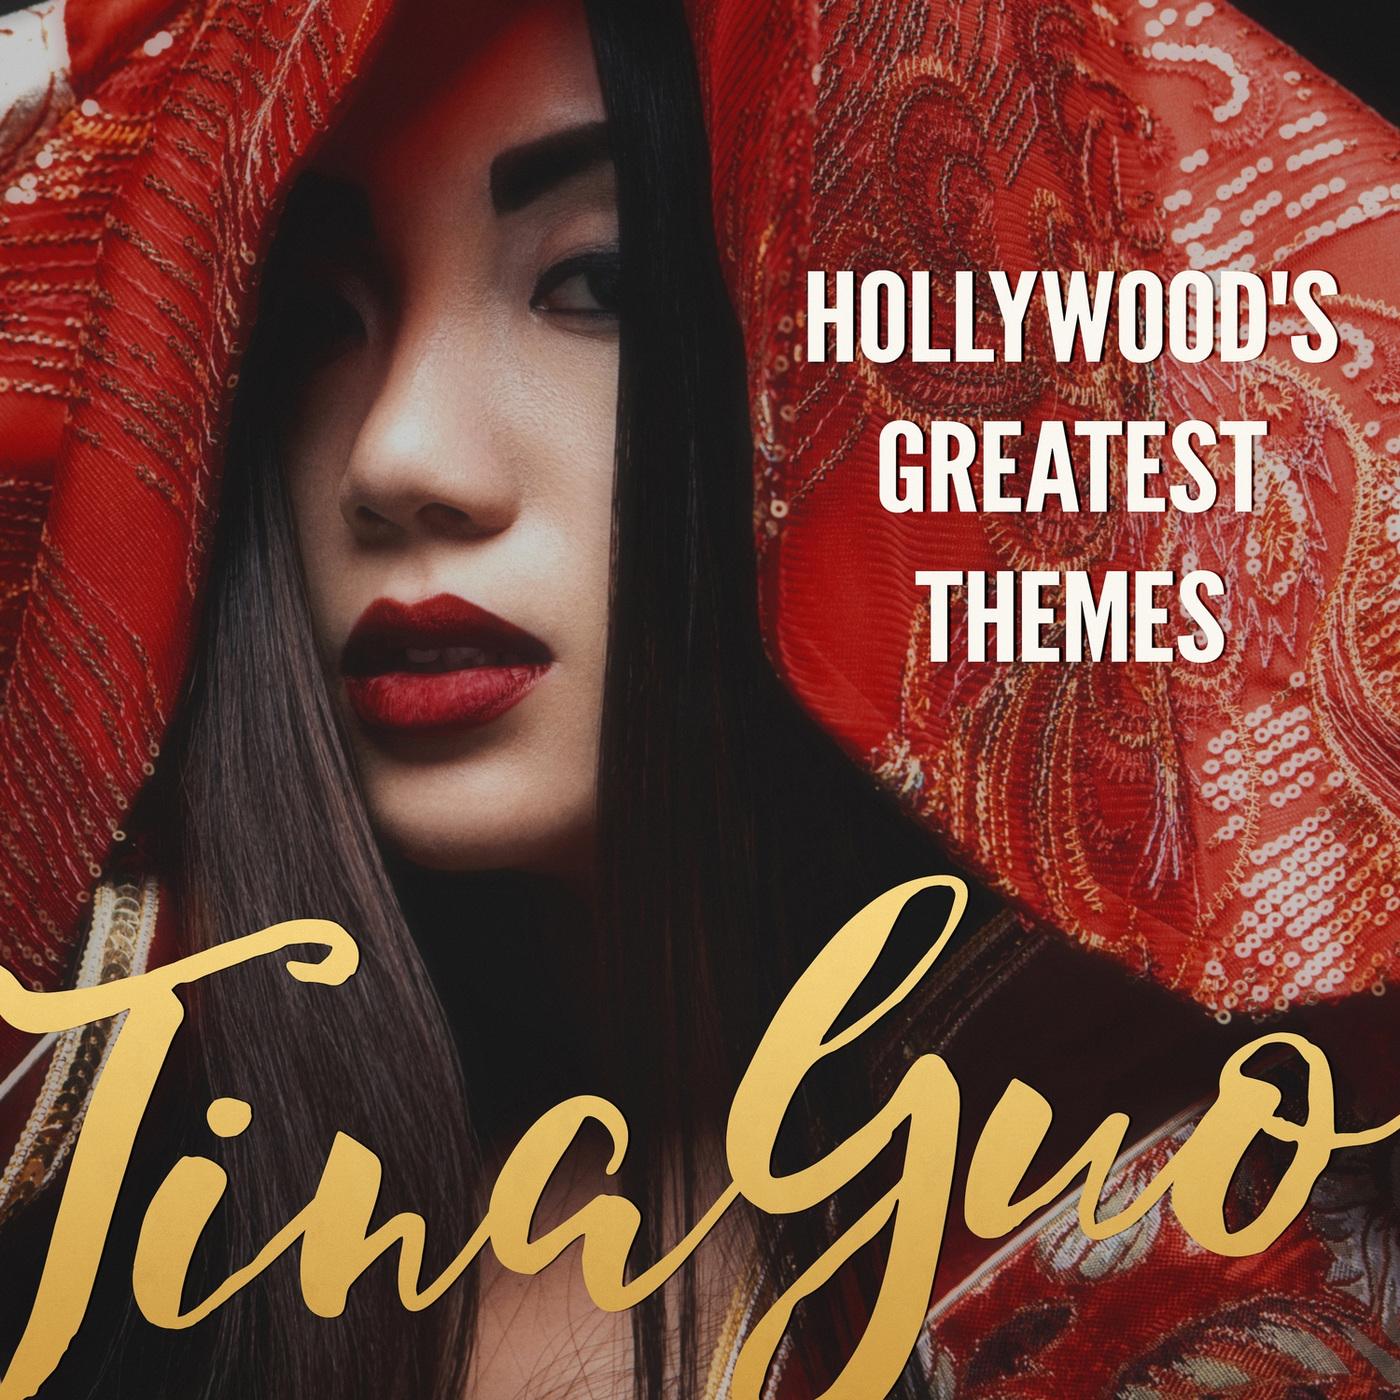 Index of /download/T/Tina Guo/Album/Tina Guo - Hollywood's